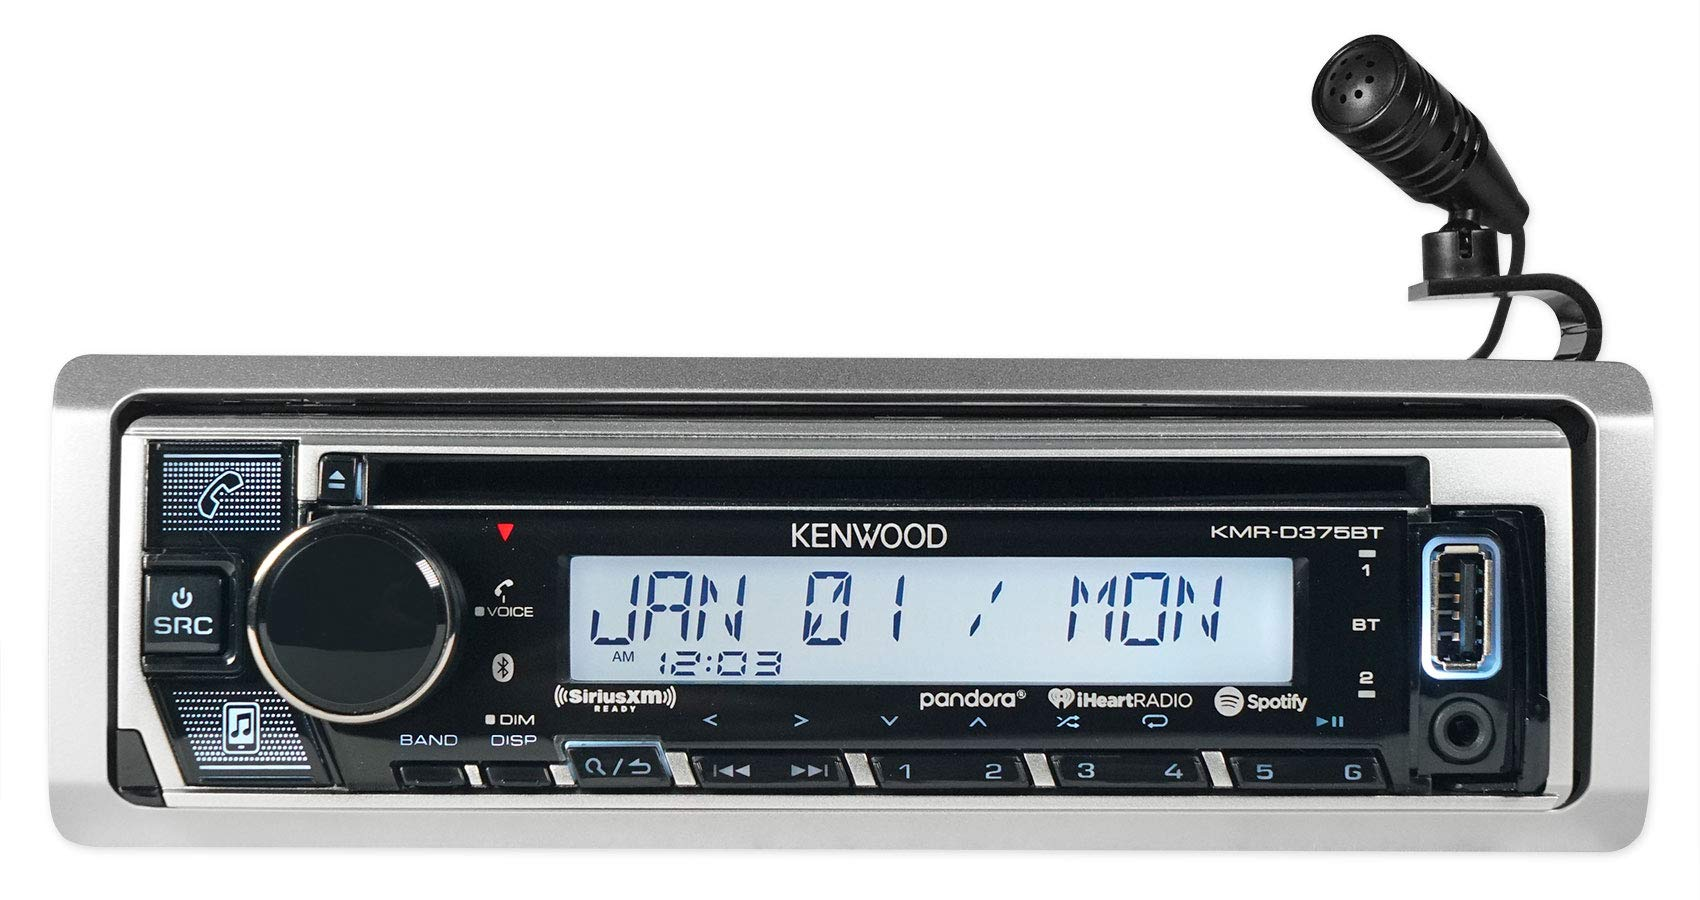 Kenwood KMR D375BT Receiver Bluetooth Interface